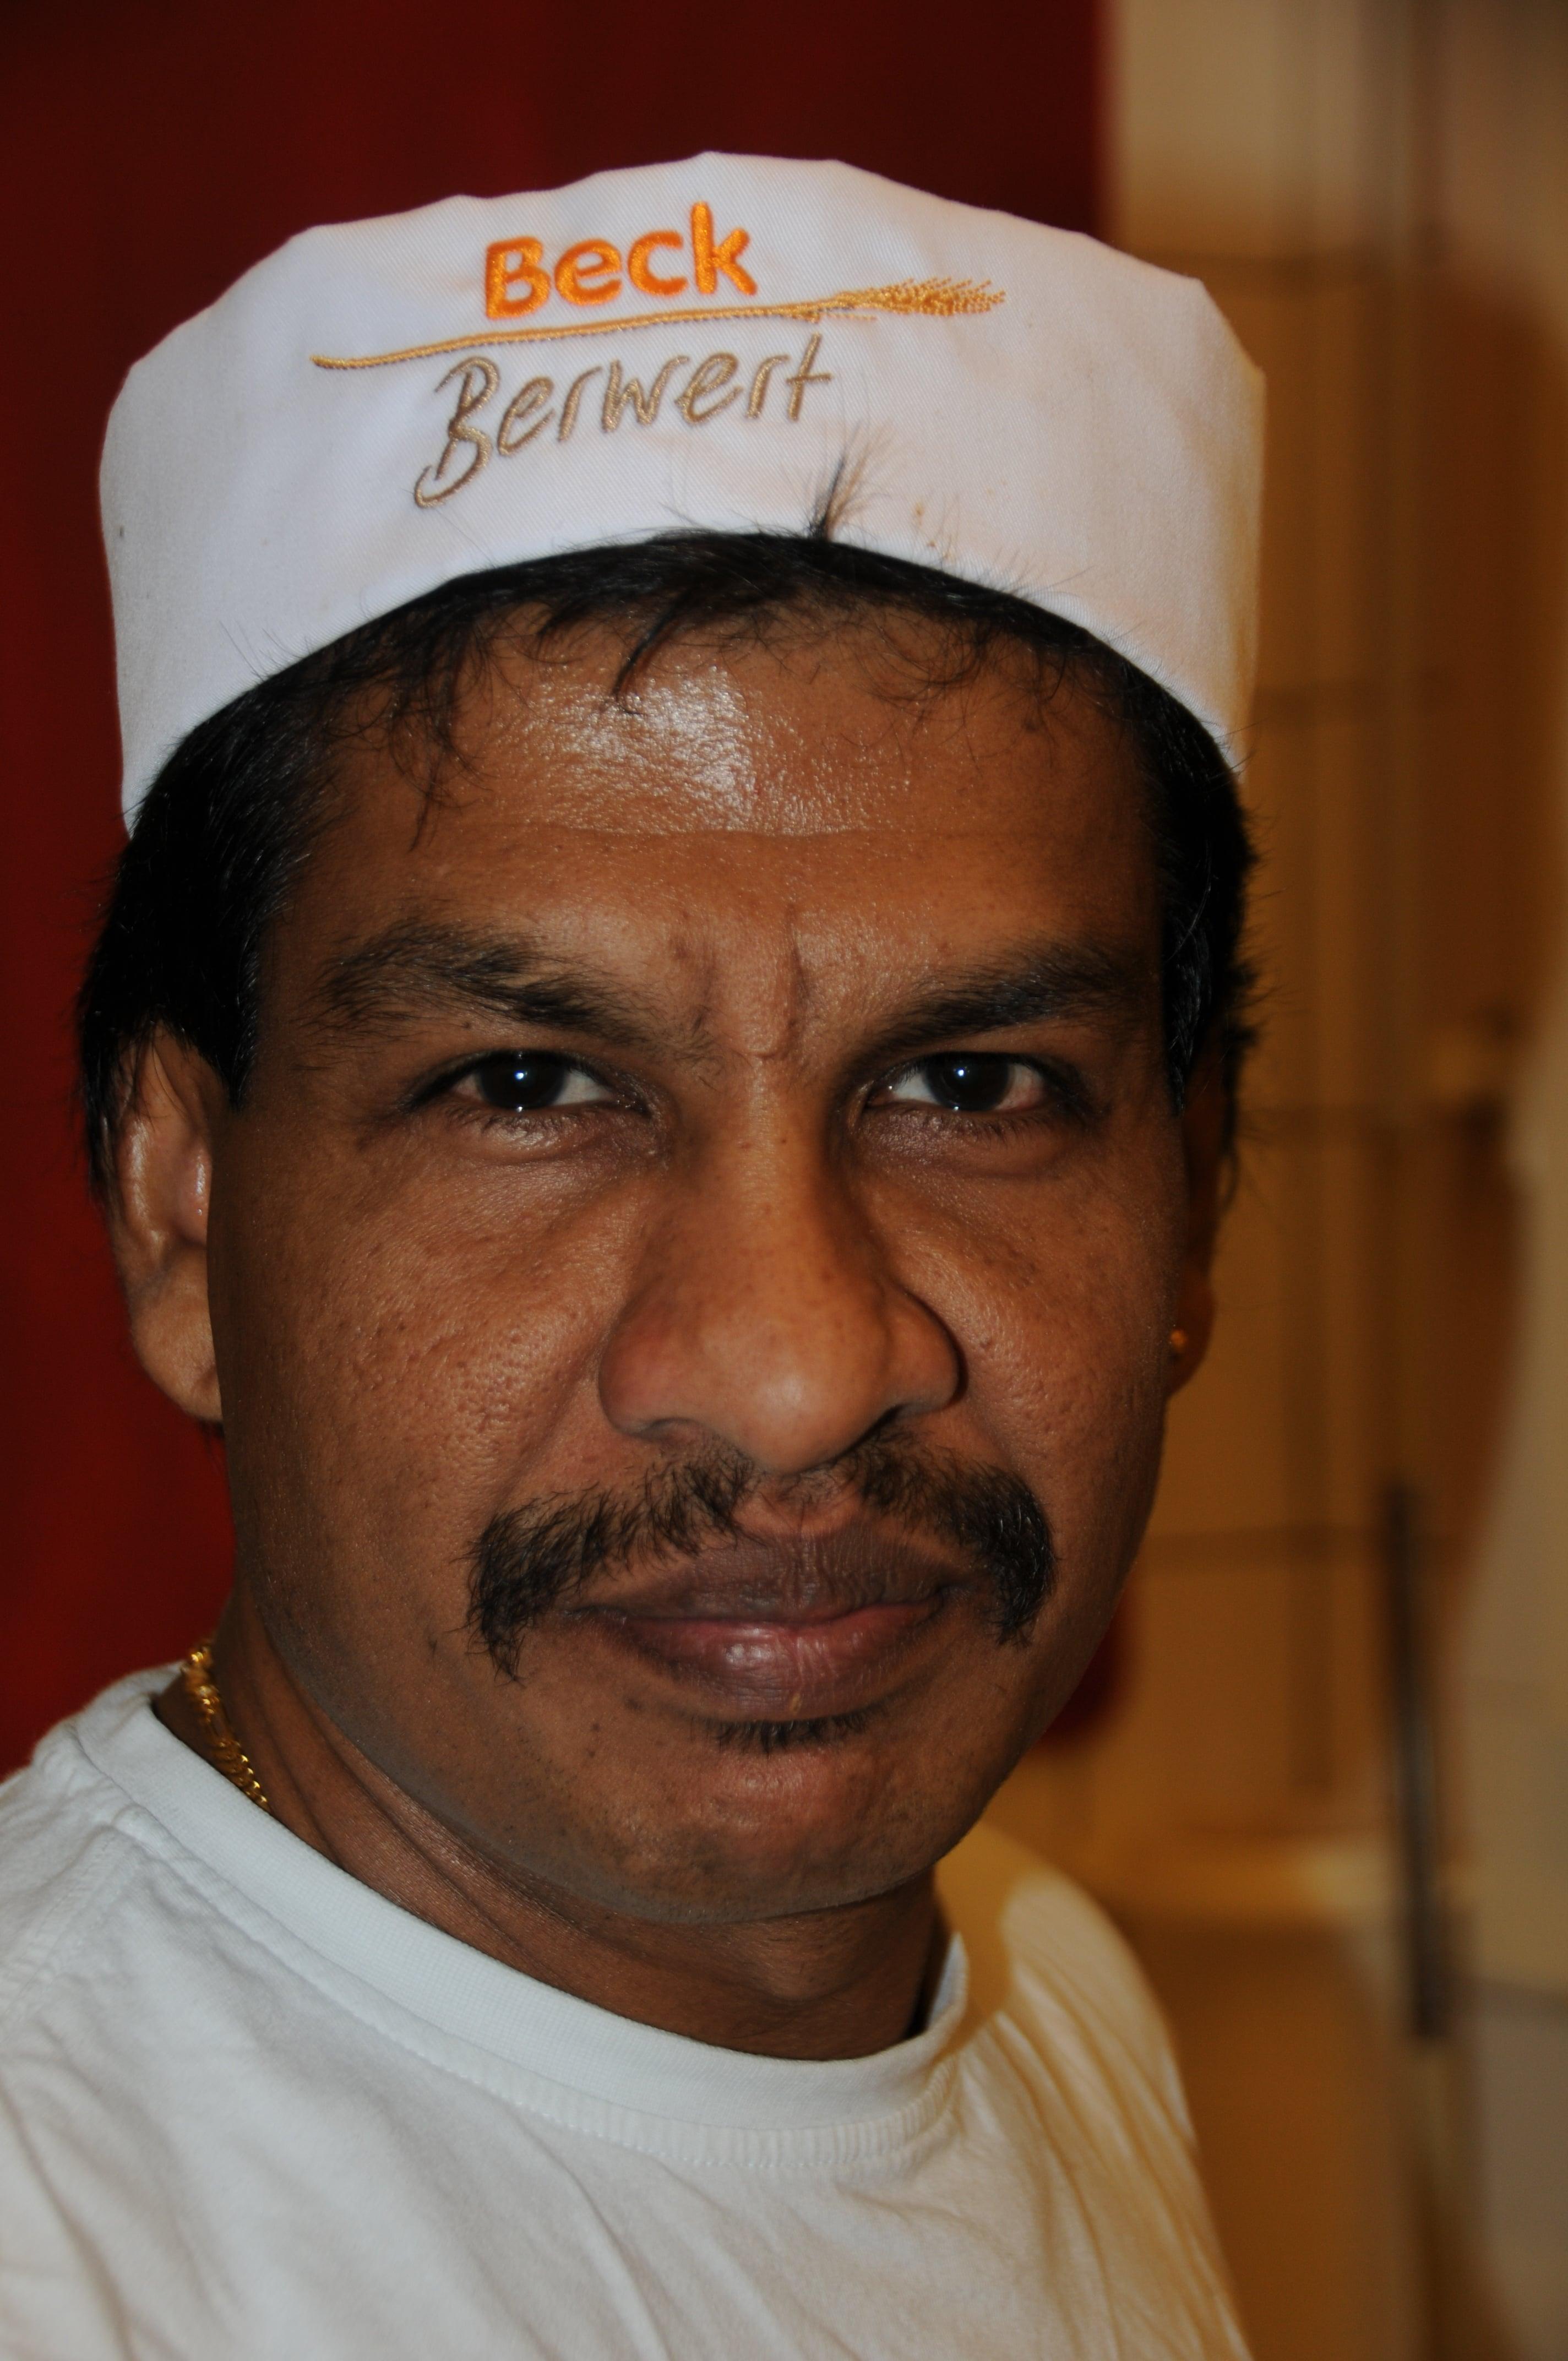 Shantiah Manomahar Mitarbeiter Beck Berwert